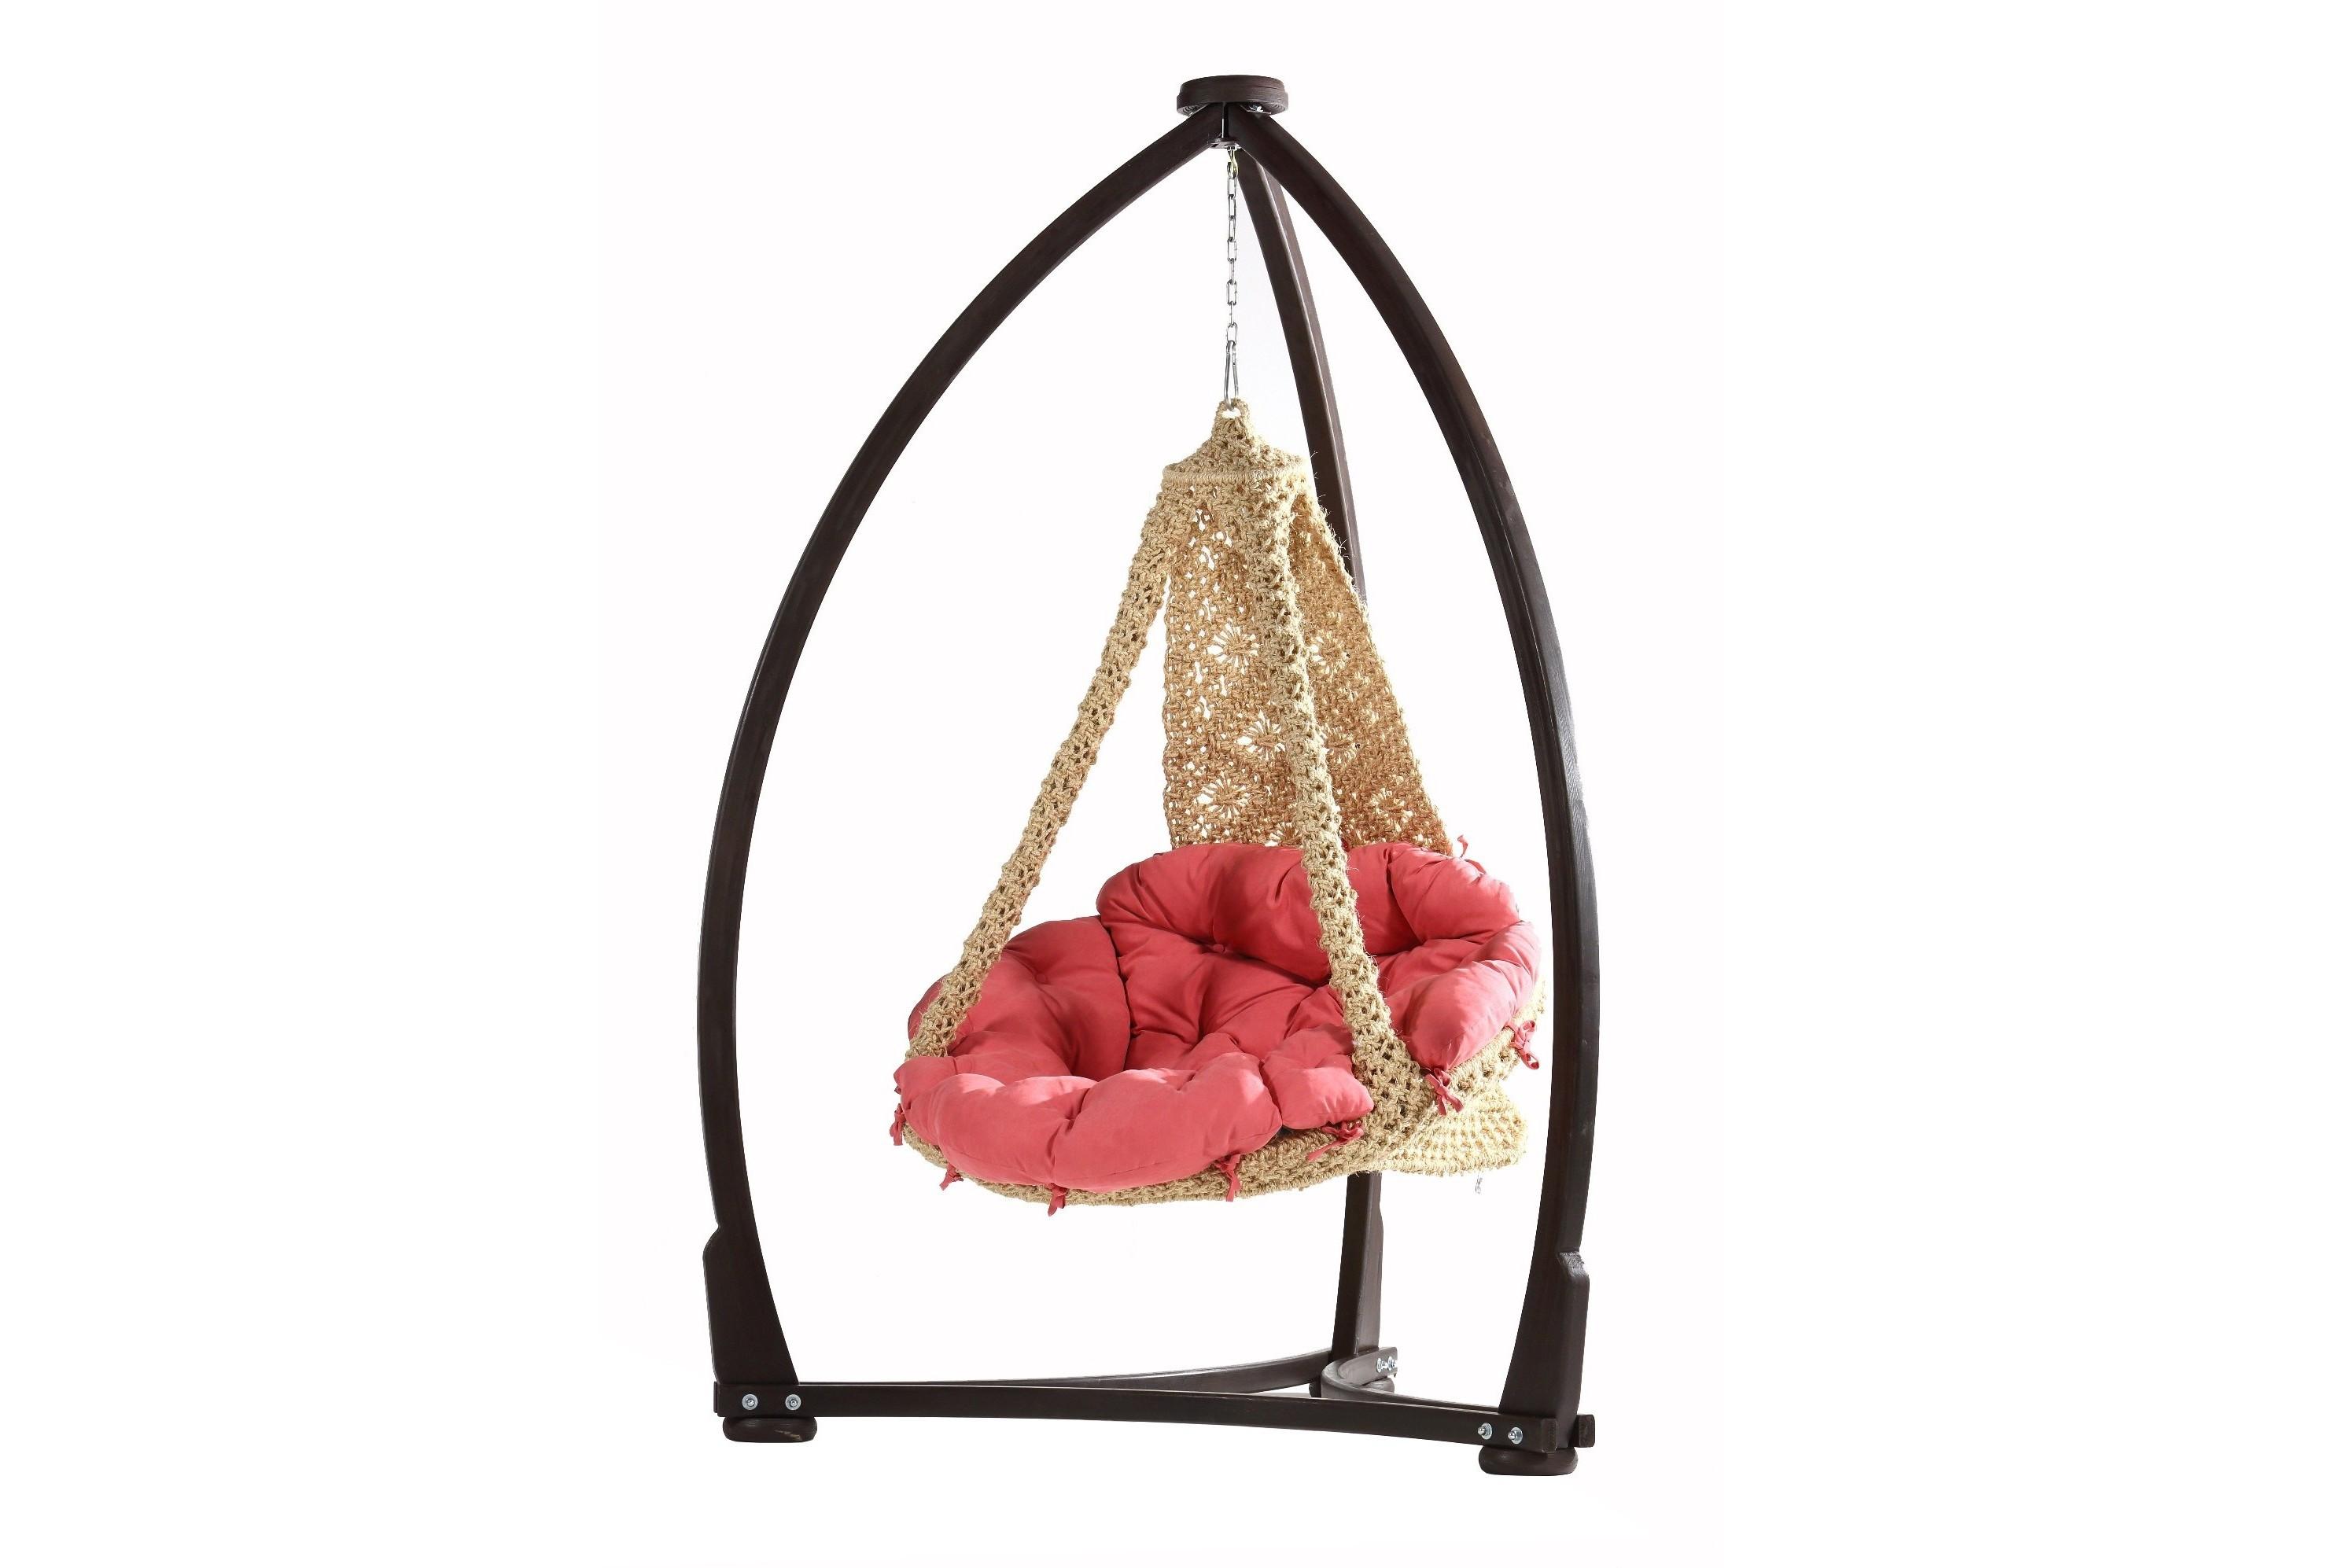 Кресло-гамакПодвесные кресла<br>Подвесной гамак изготовлен вручную в технике «макраме» из сизали (натуральное волокно из листьев агавы) на металлическом каркасе.&amp;amp;nbsp;&amp;lt;div&amp;gt;&amp;lt;br&amp;gt;&amp;lt;/div&amp;gt;&amp;lt;div&amp;gt;Матрац из терможаккардовой ткани с наполнителем из пух-шара идет в комплекте.&amp;amp;nbsp;&amp;lt;/div&amp;gt;&amp;lt;div&amp;gt;Поставляется без каркаса.&amp;lt;/div&amp;gt;<br><br>Material: Текстиль<br>Высота см: 180